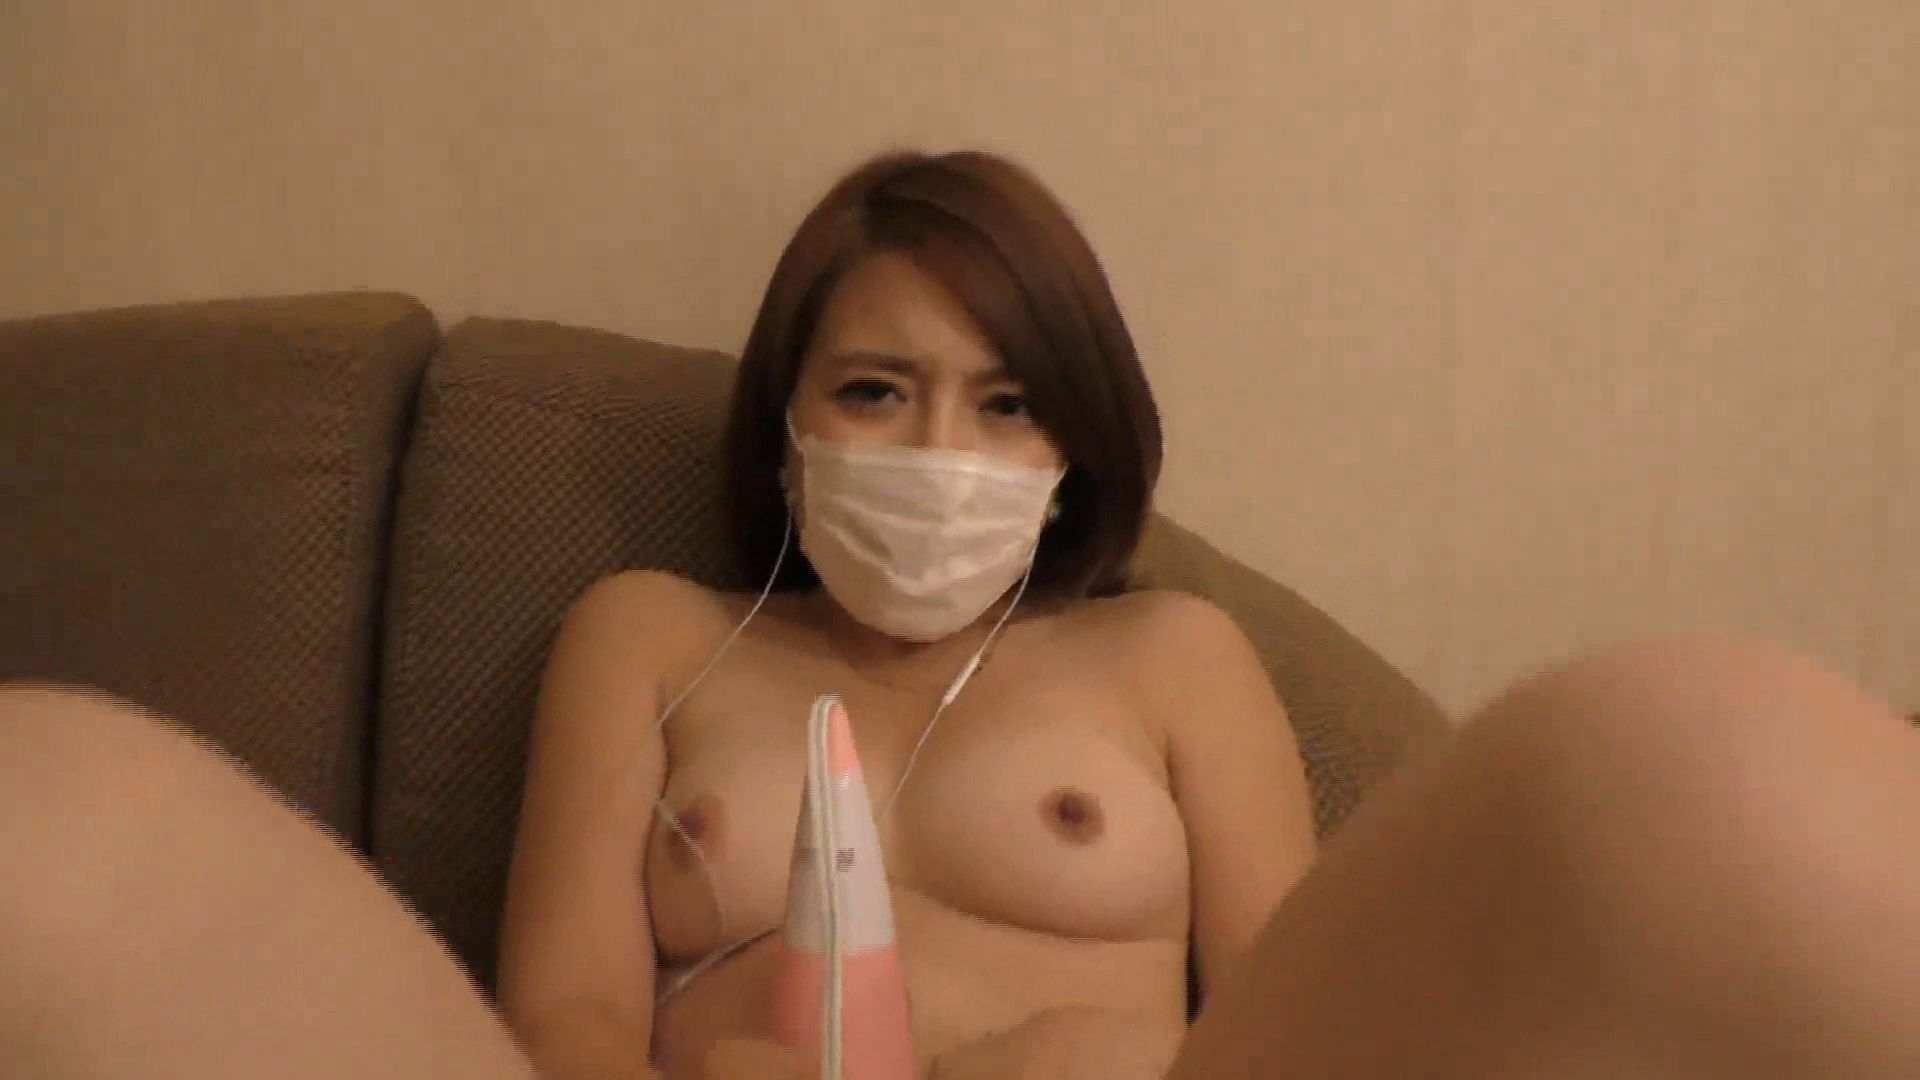 S級厳選美女ビッチガールVol.19 OLの実態   美女  27pic 15